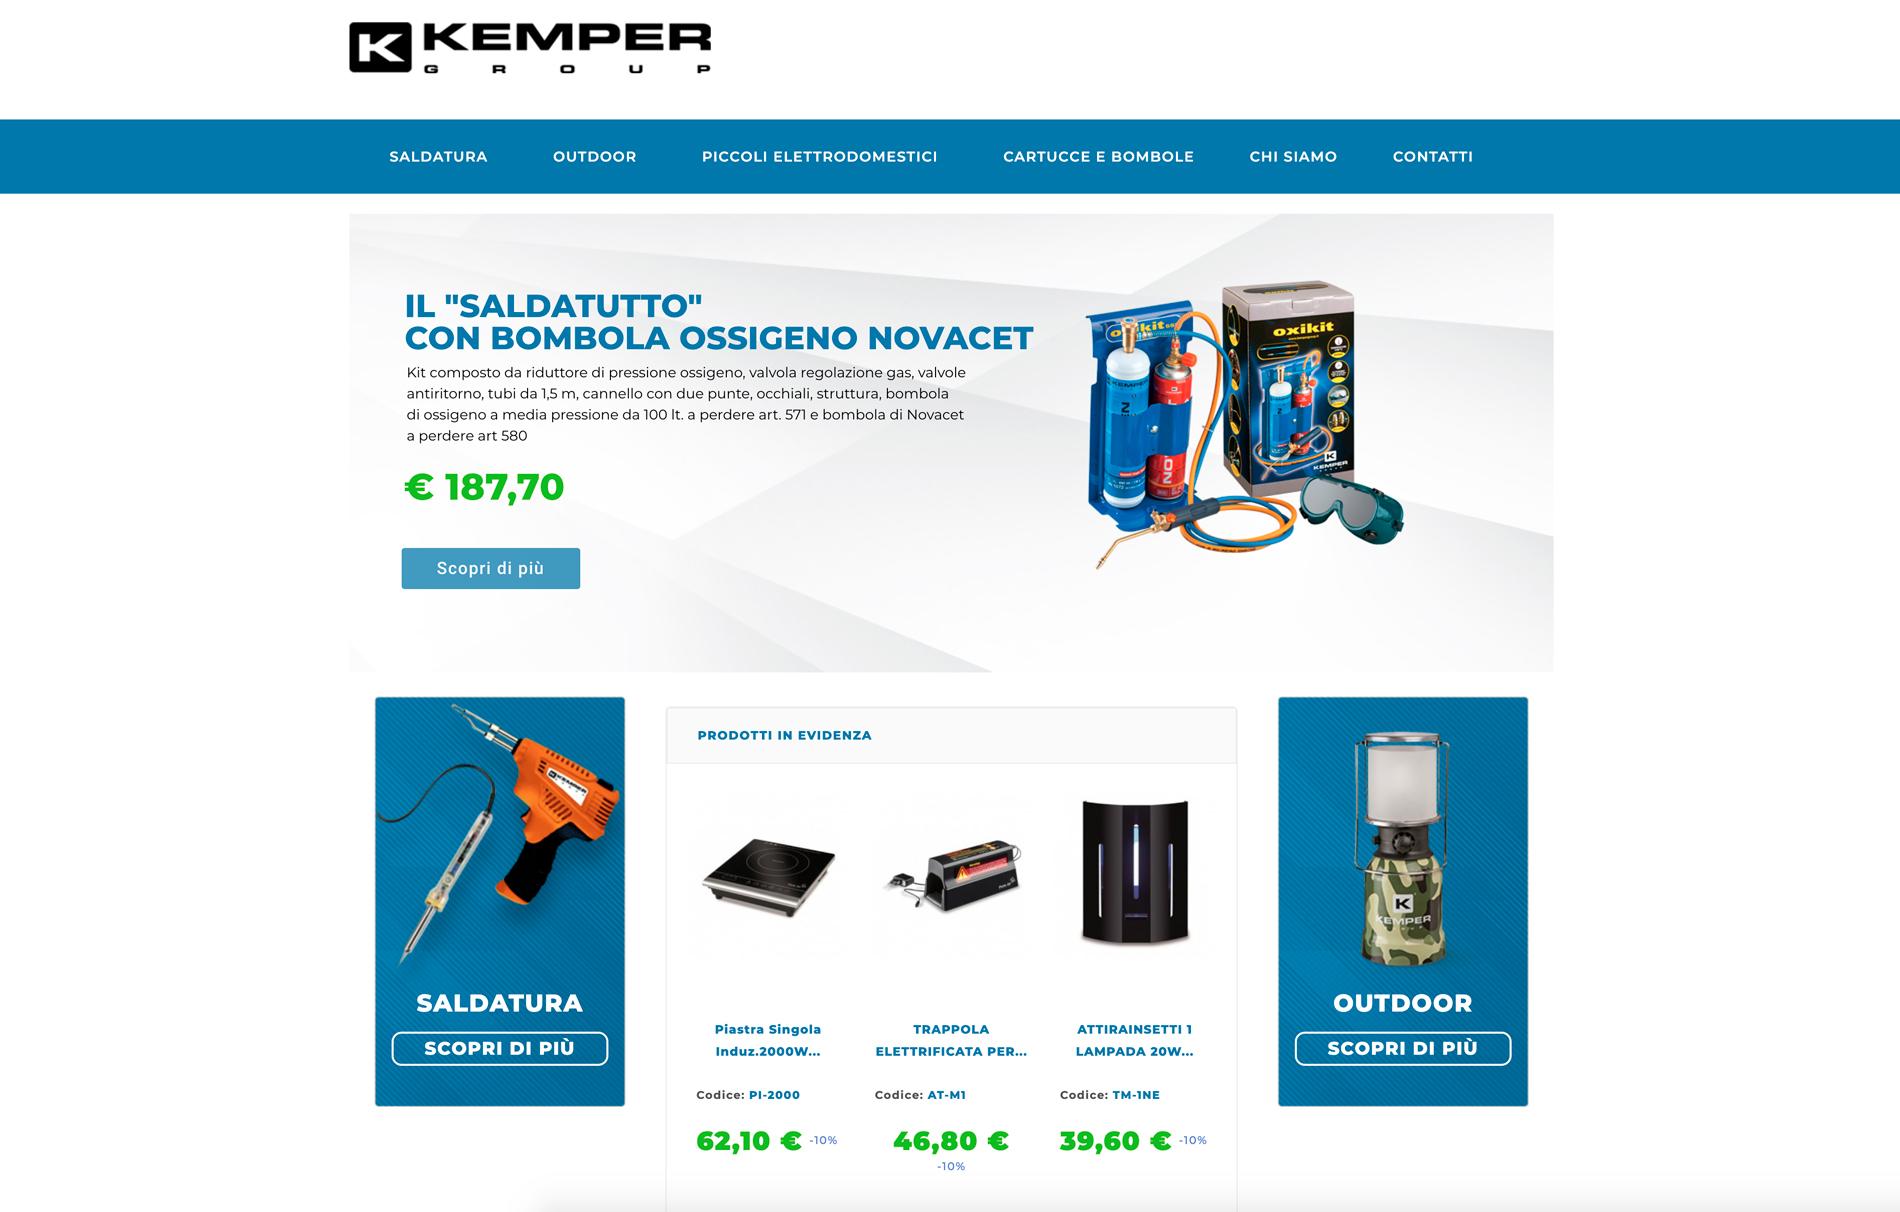 Kemper shop